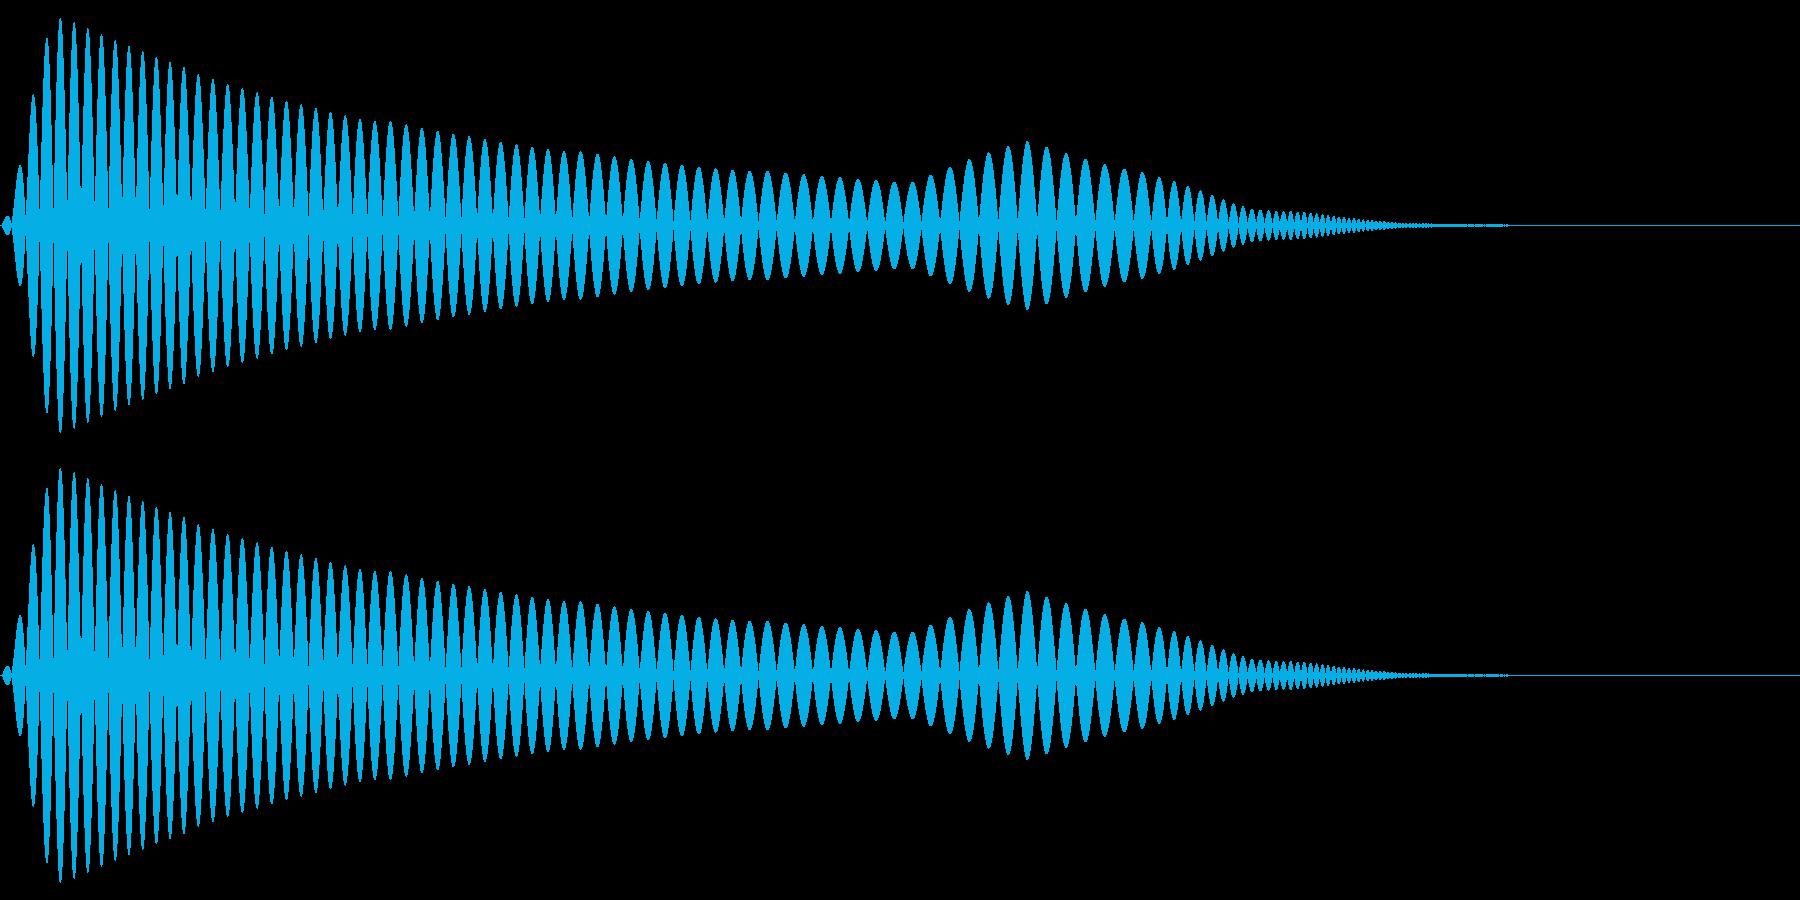 ポウ↓(キャンセル・戻る操作音)の再生済みの波形